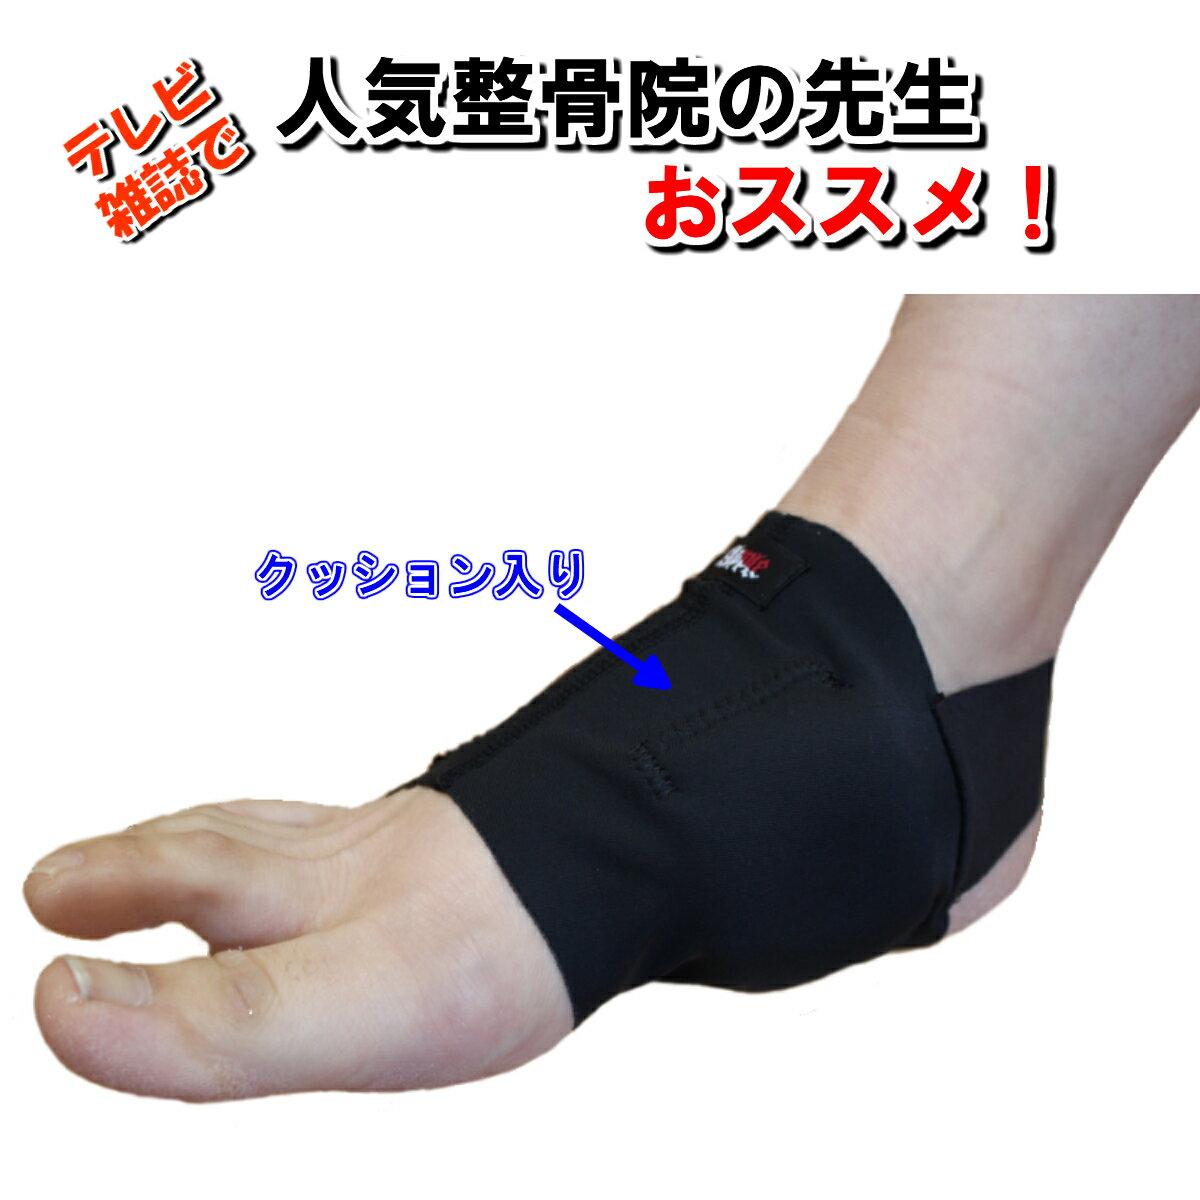 外脛骨 サポーター コルセット 足の痛み がいけいこつ